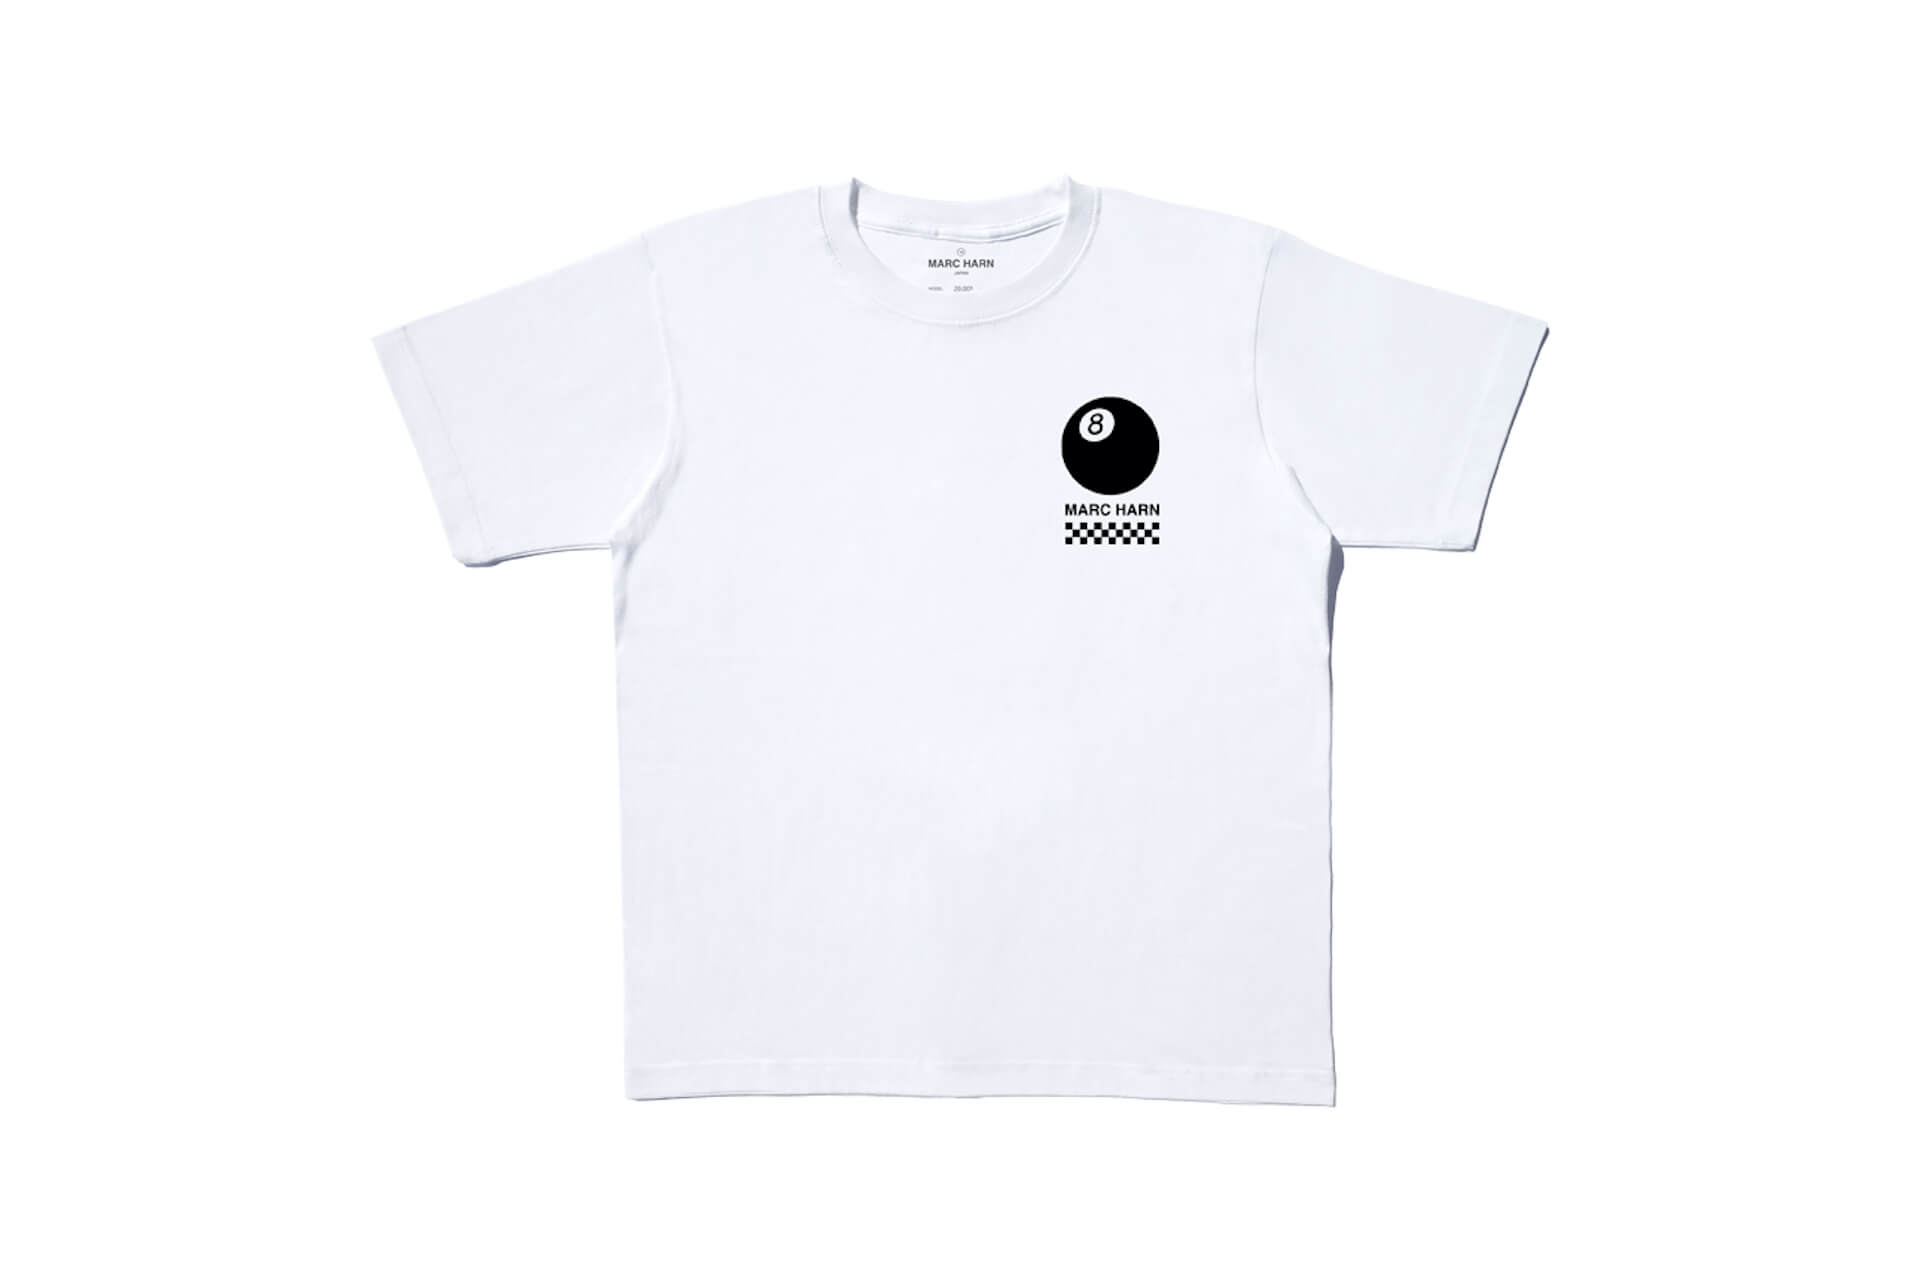 ファレル・ウィリアムス、VANSが認めたMASAの「MARC HARN」が新作の受注受付を開始!Tシャツやキャップなど12アイテム lf200618_marcharn_08